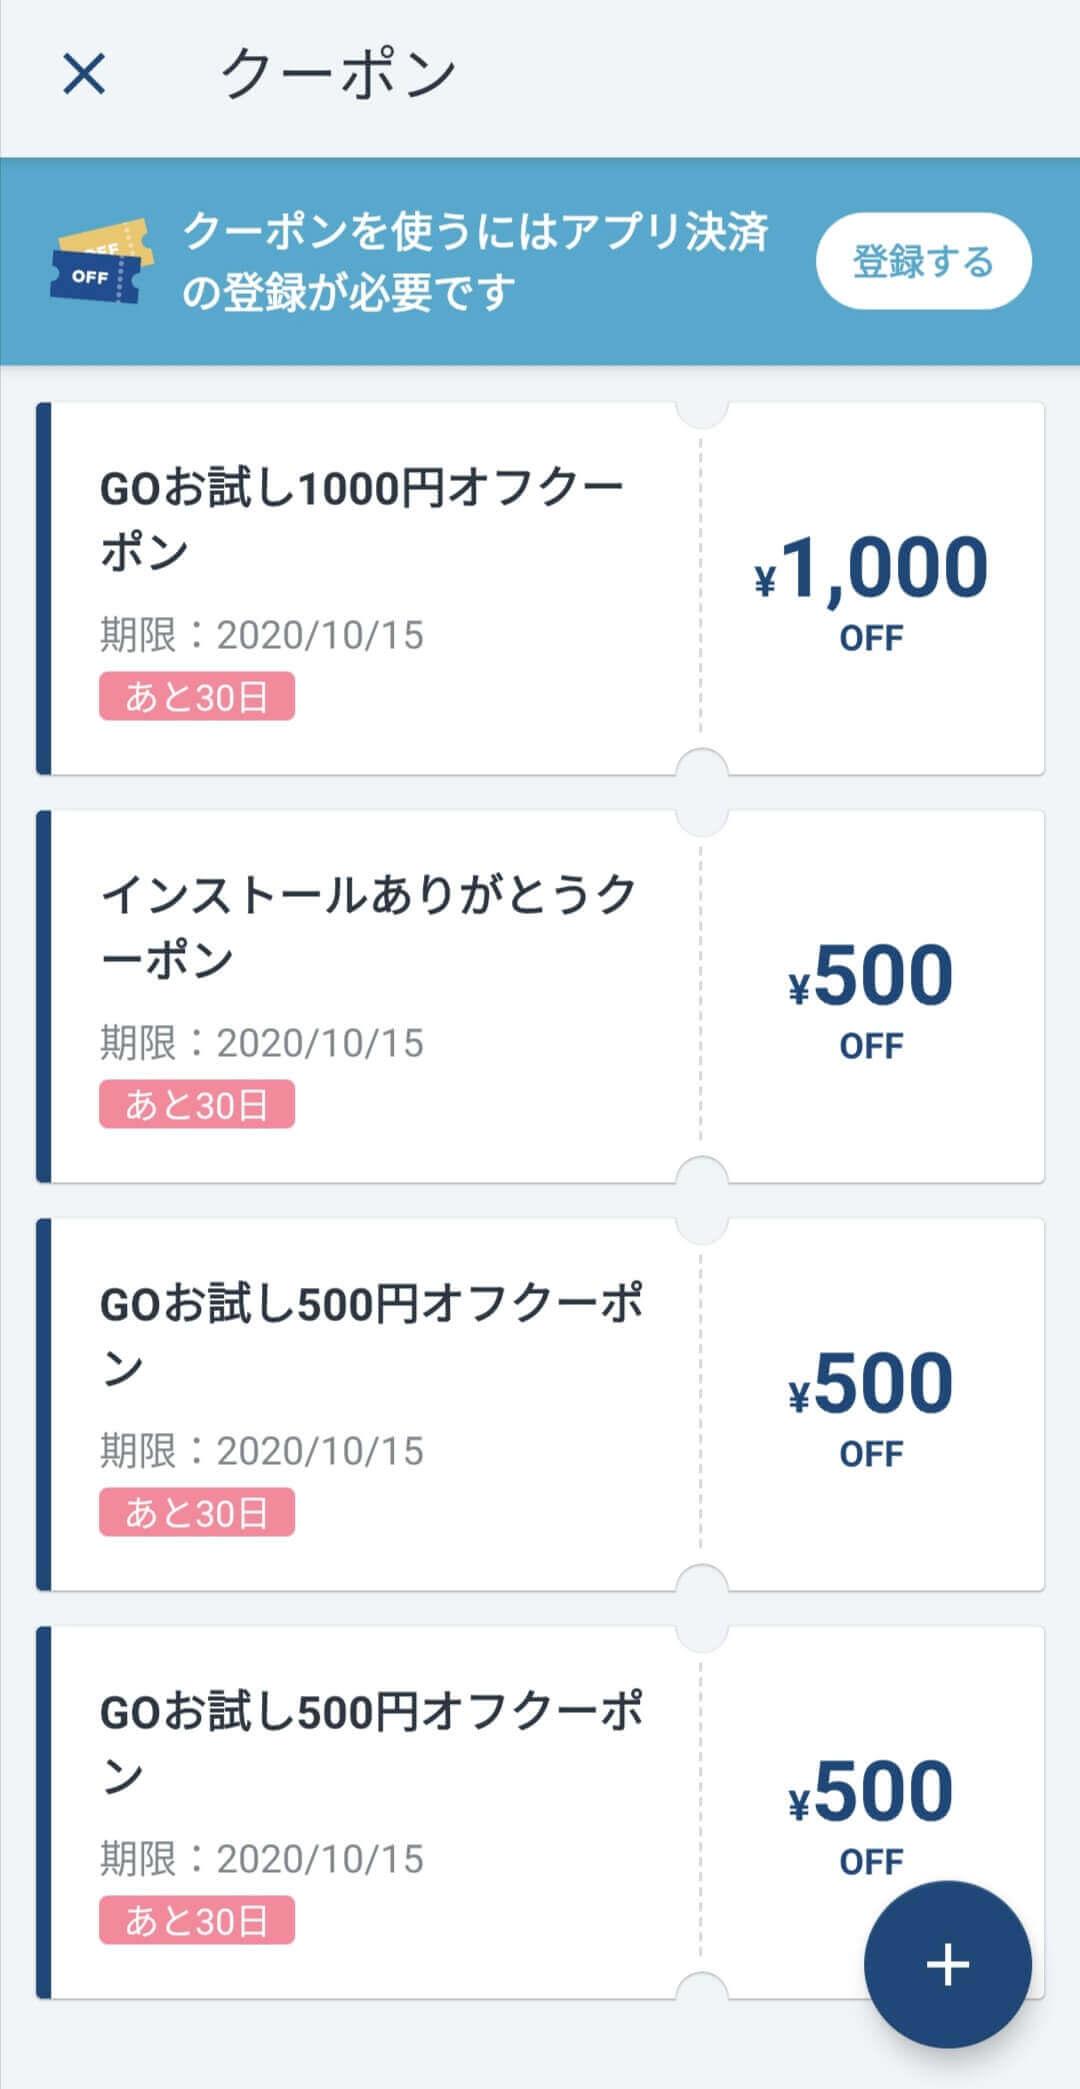 GOタクシー計2500円クーポン